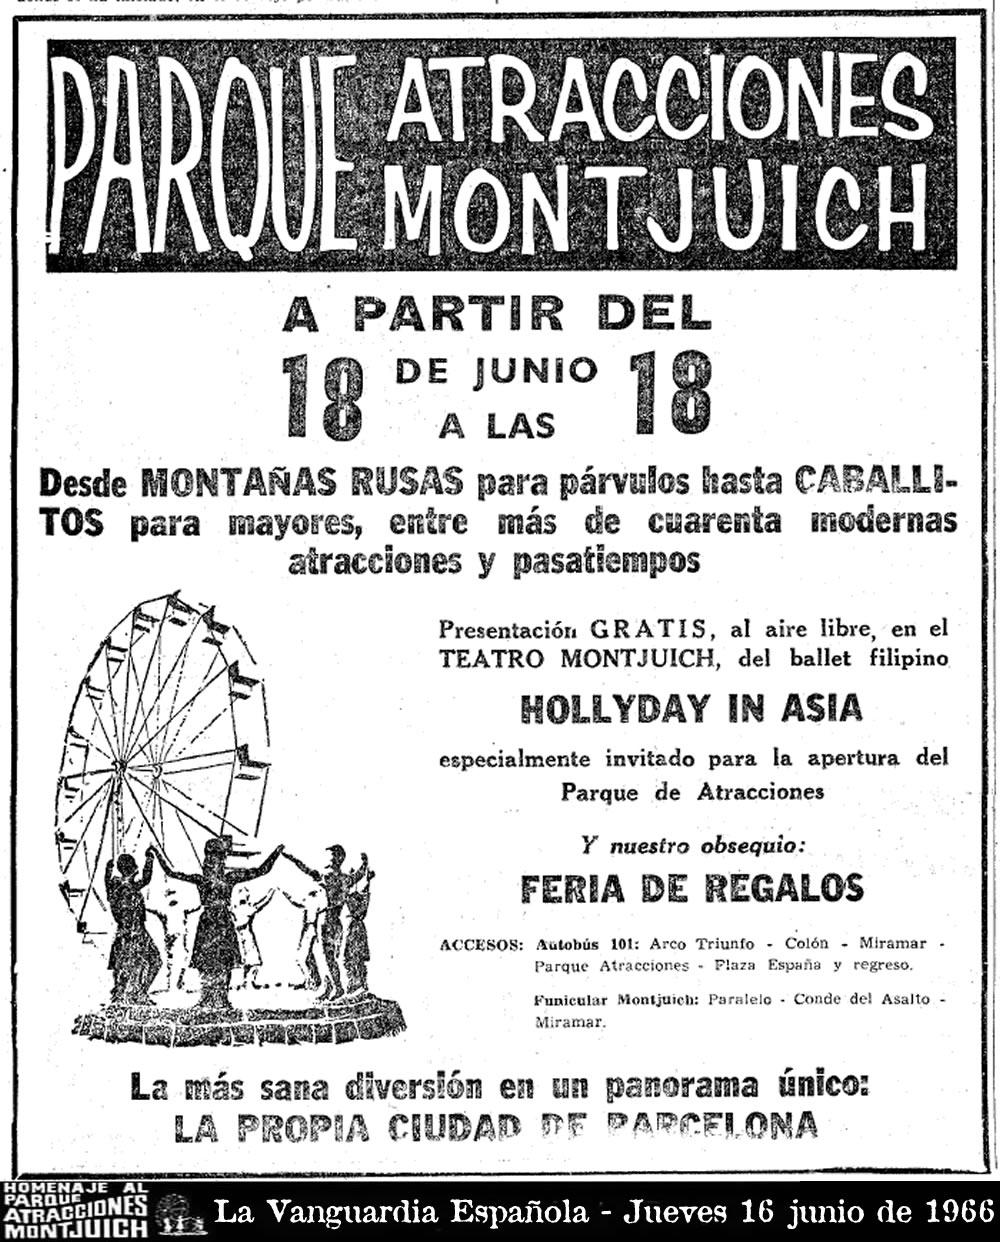 Cartel de La Vanguardia Española - Jueves 16 junio de 1966